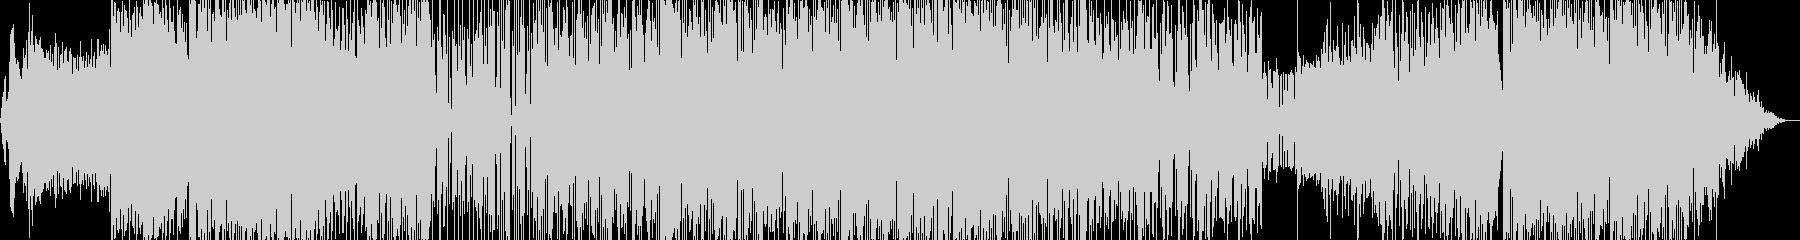 プログレッシブハウス。ループ溝と周...の未再生の波形